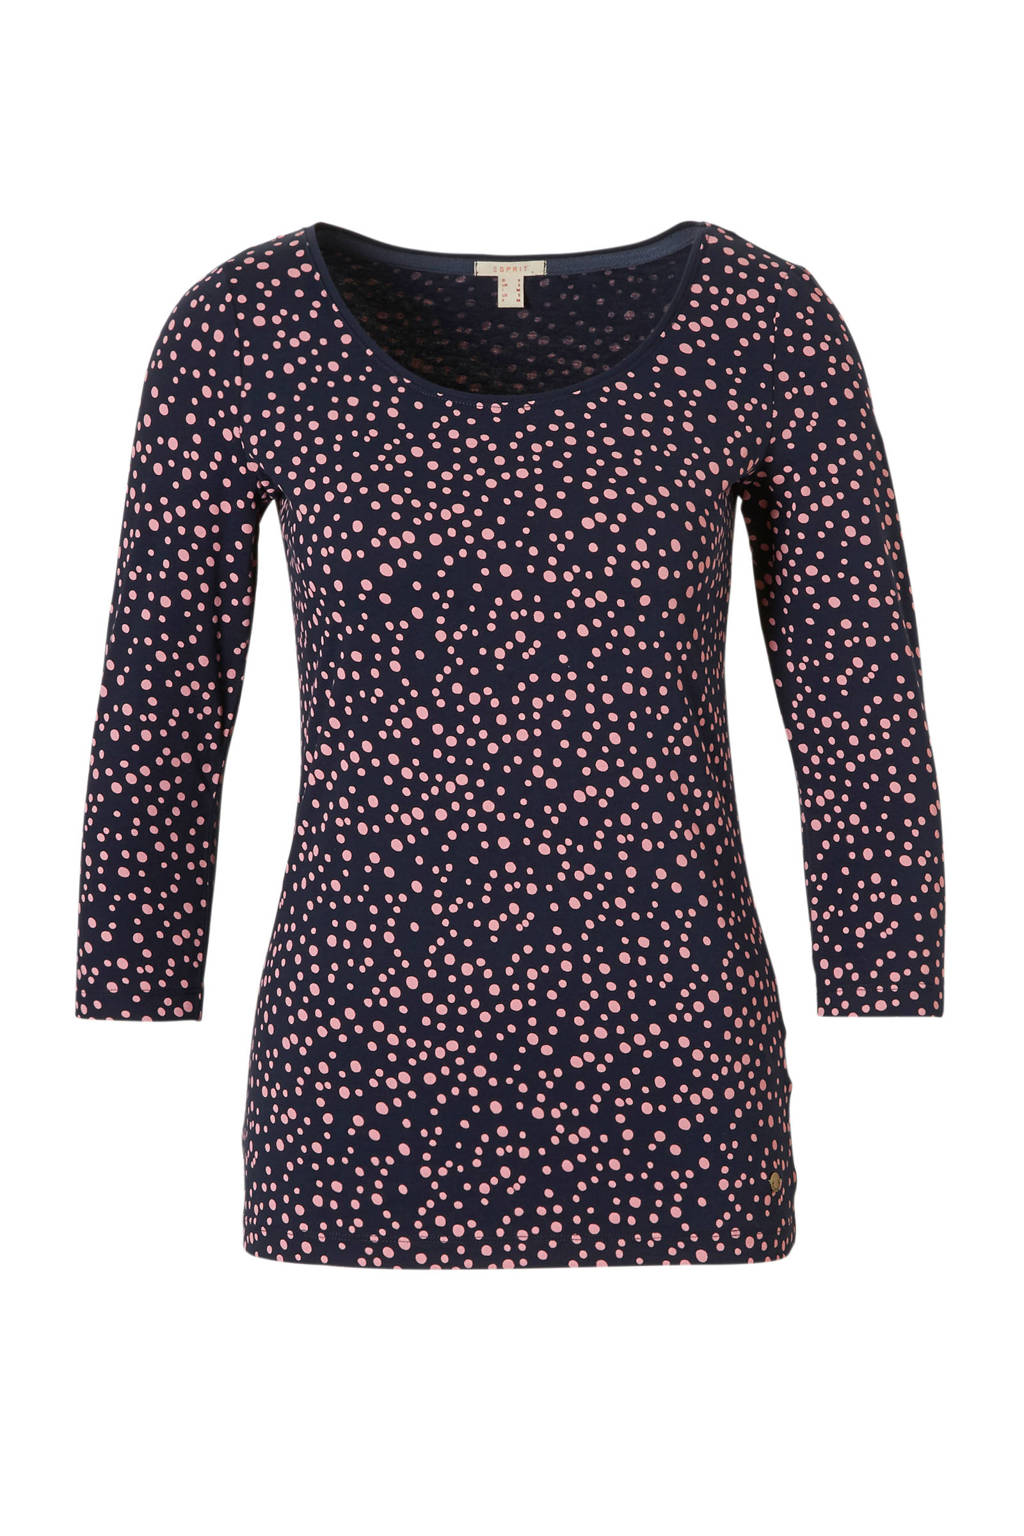 ESPRIT Women Casual T-shirt met stippen, Donkerblauw/roze